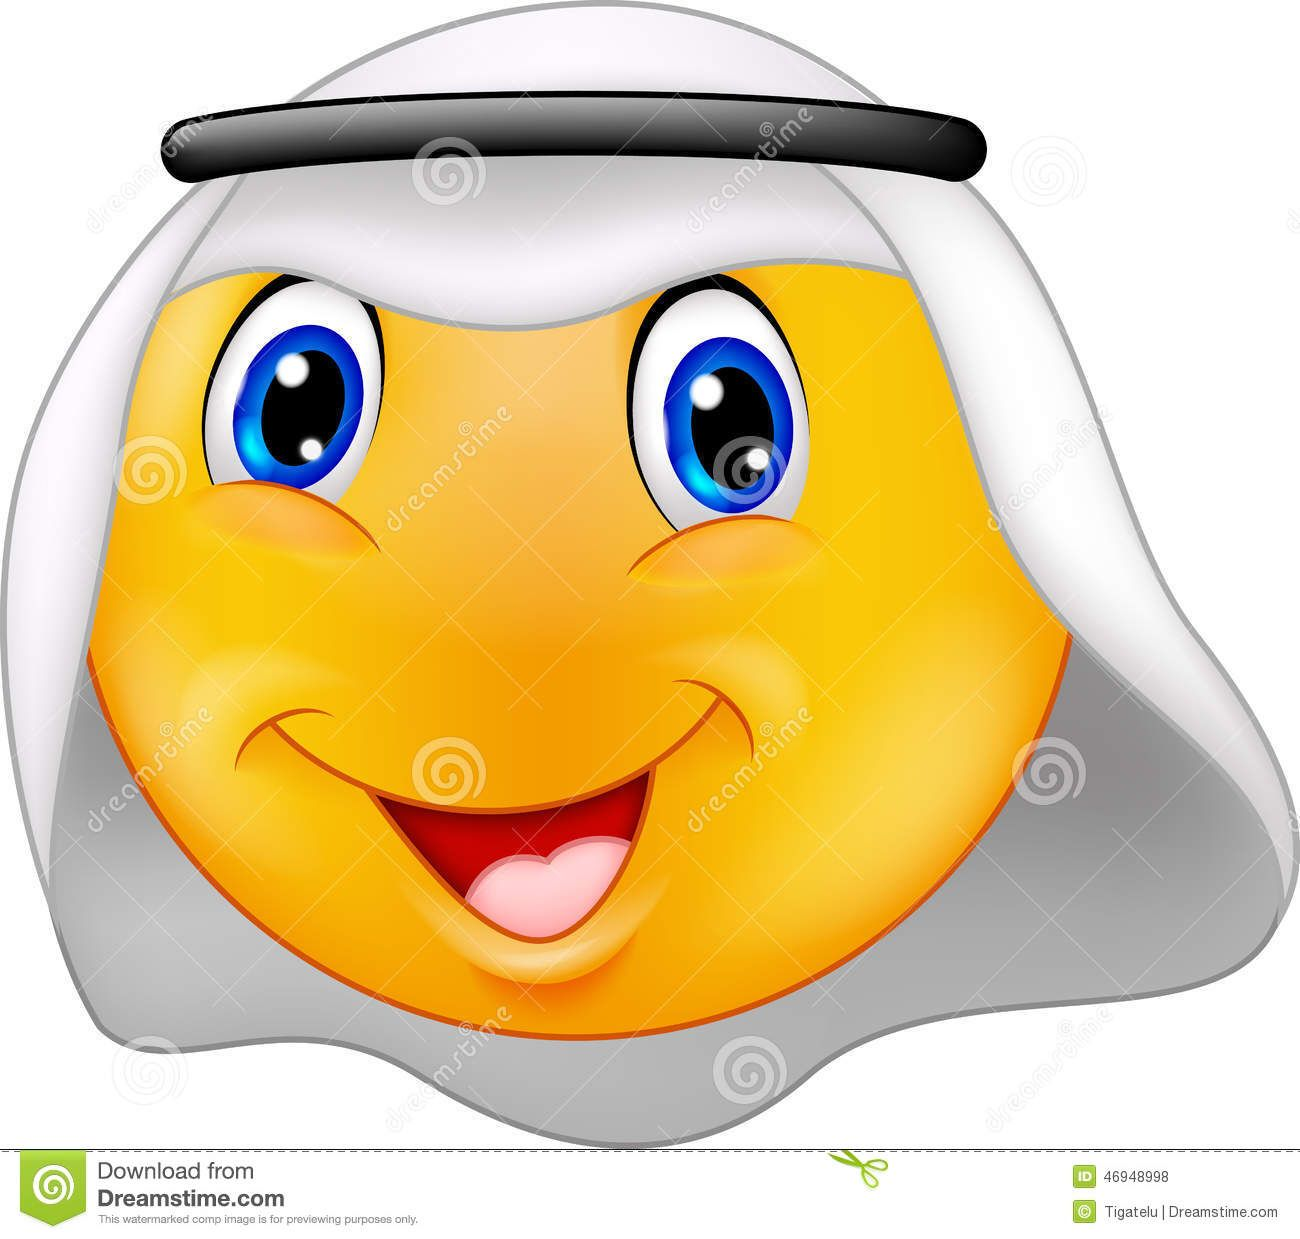 Image from httpthumbsdreamstimezemoticon smiley arabic image from httpthumbsdreamstimezemoticon buycottarizona Images